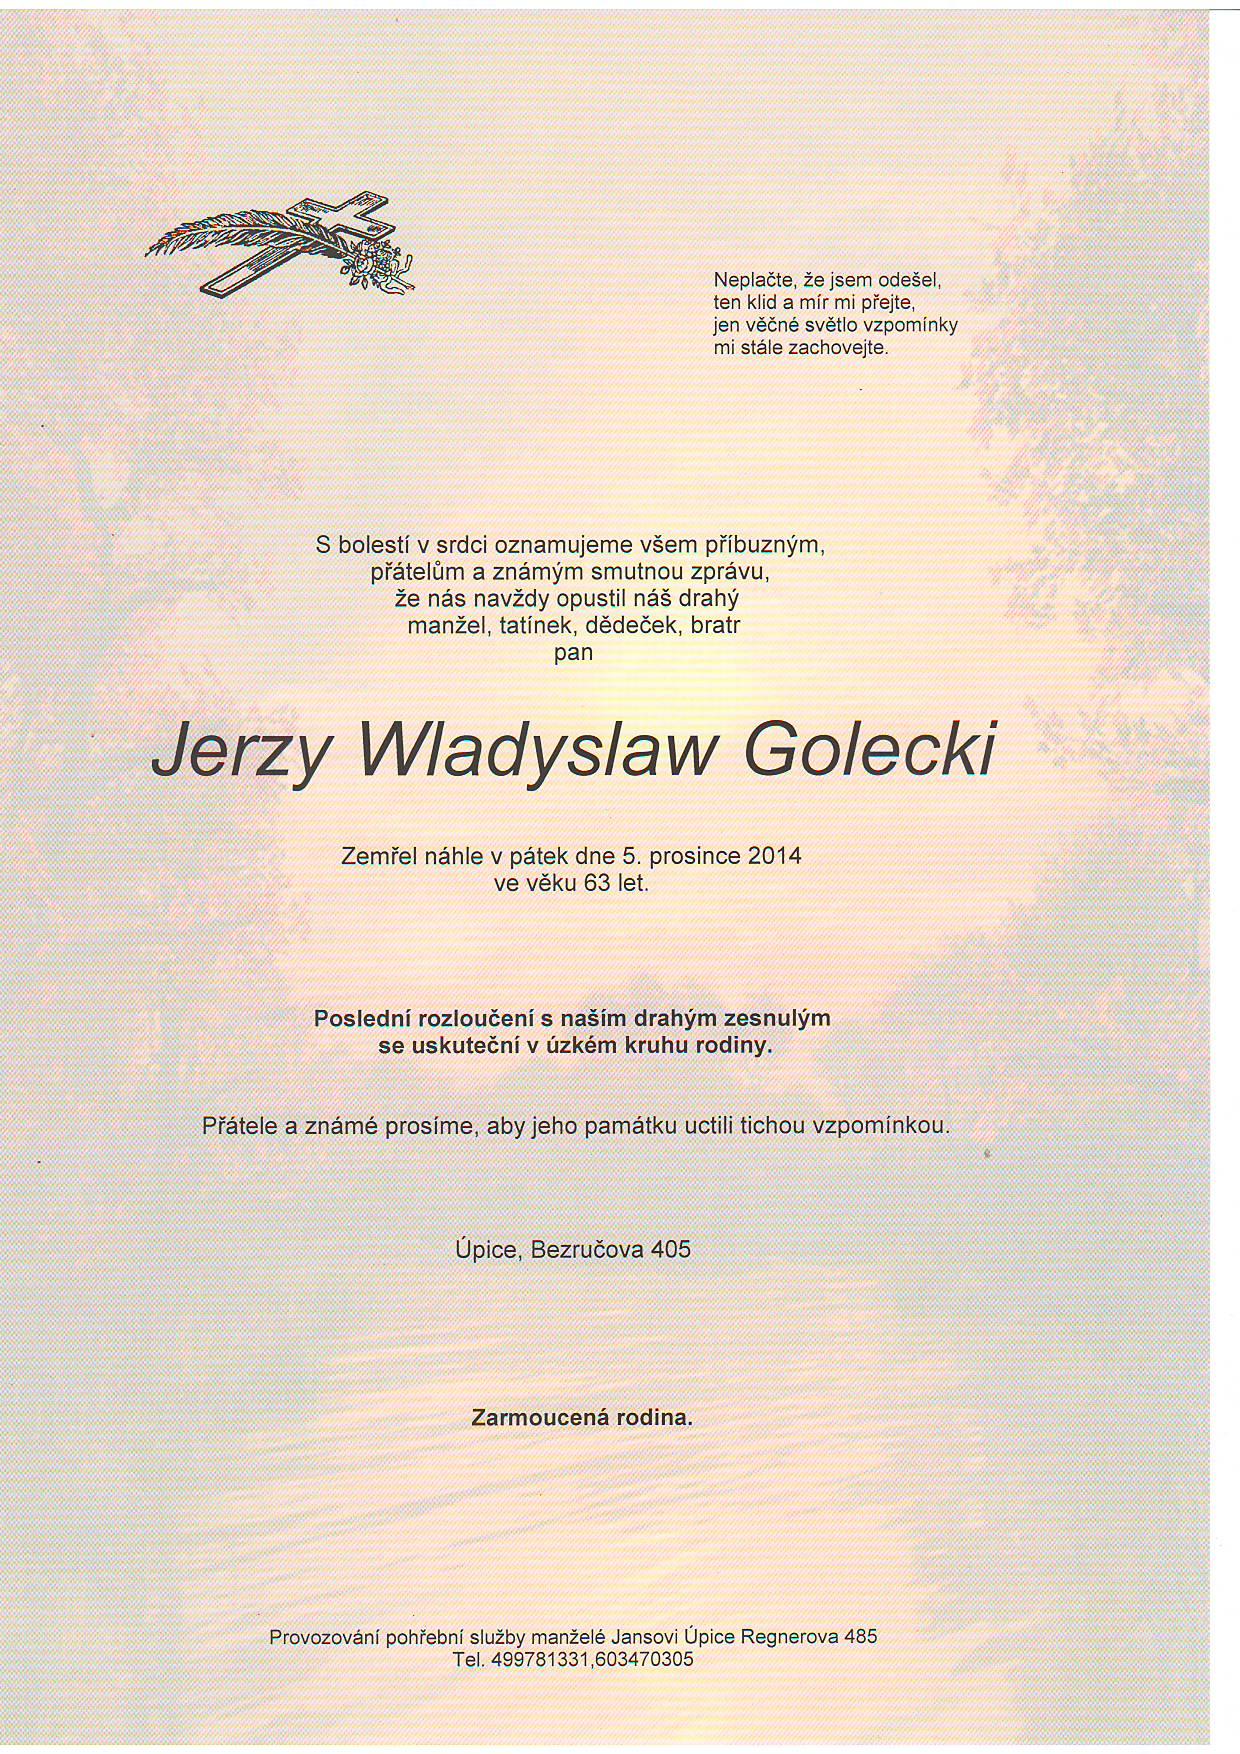 15_golecki_jerzy